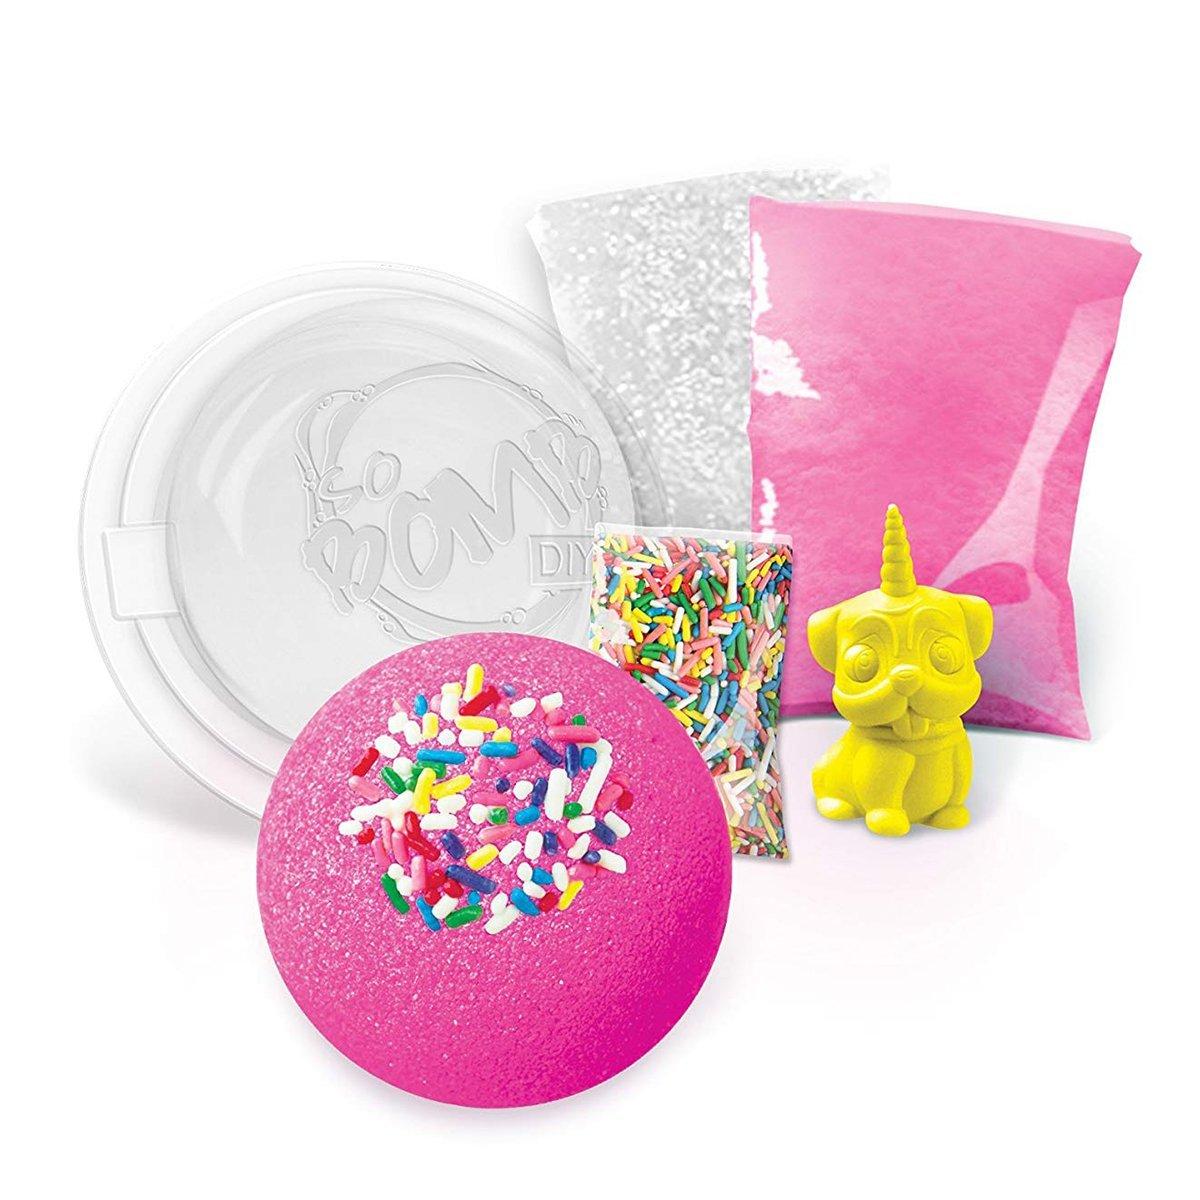 Купить Декорирование, Набор Canal Toys So Bomb Diy Бомбочки для ванны (в ассорт) BBD001 ТМ: Canal Toys